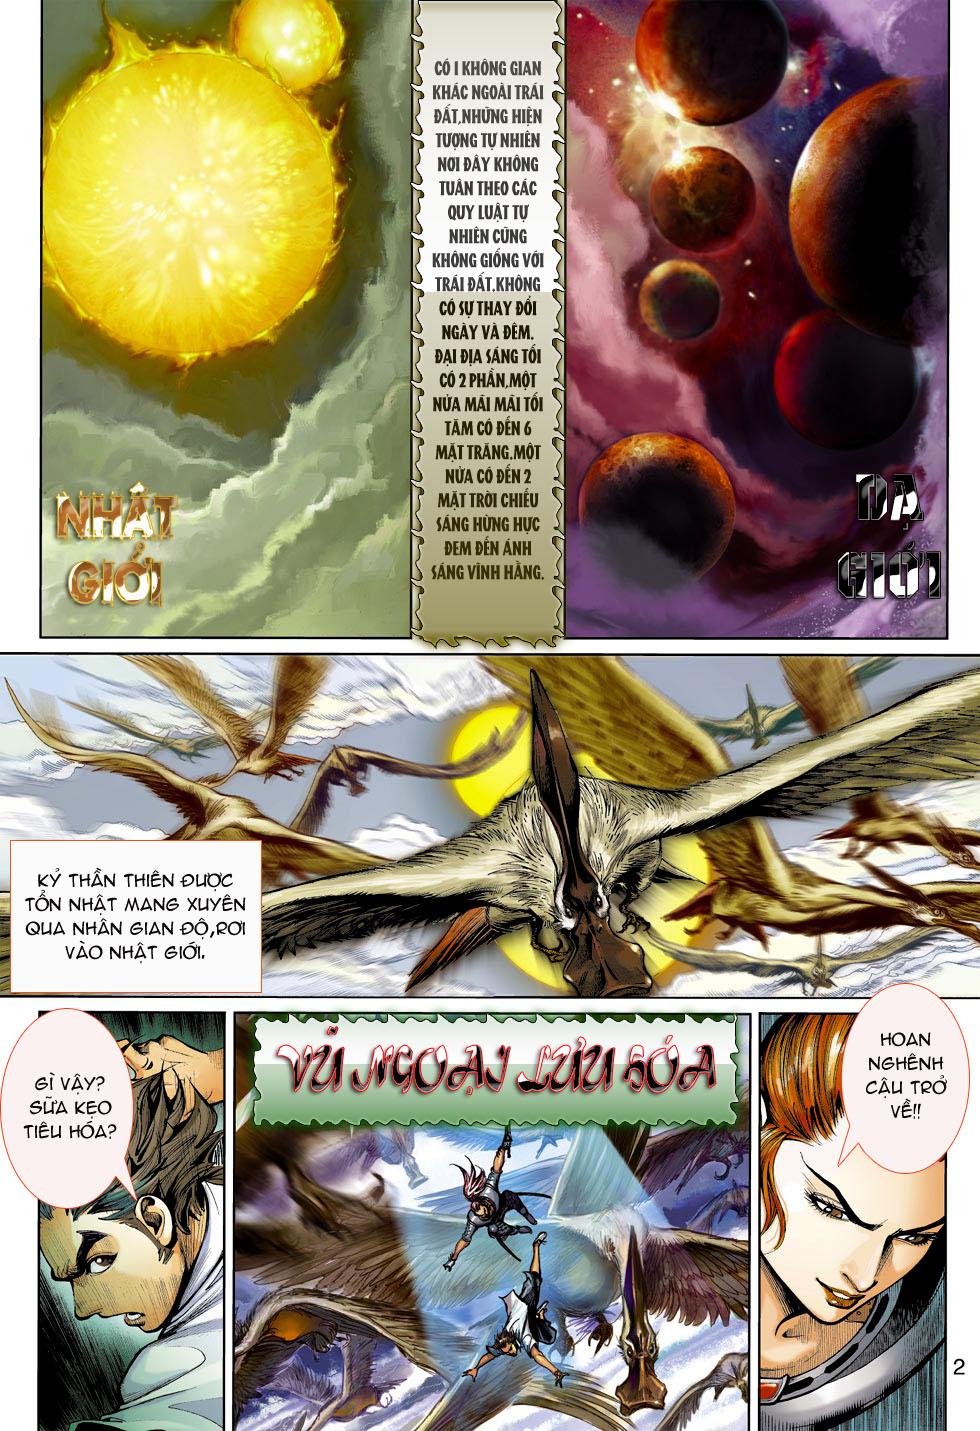 Thần Binh 4 chap 4 - Trang 2